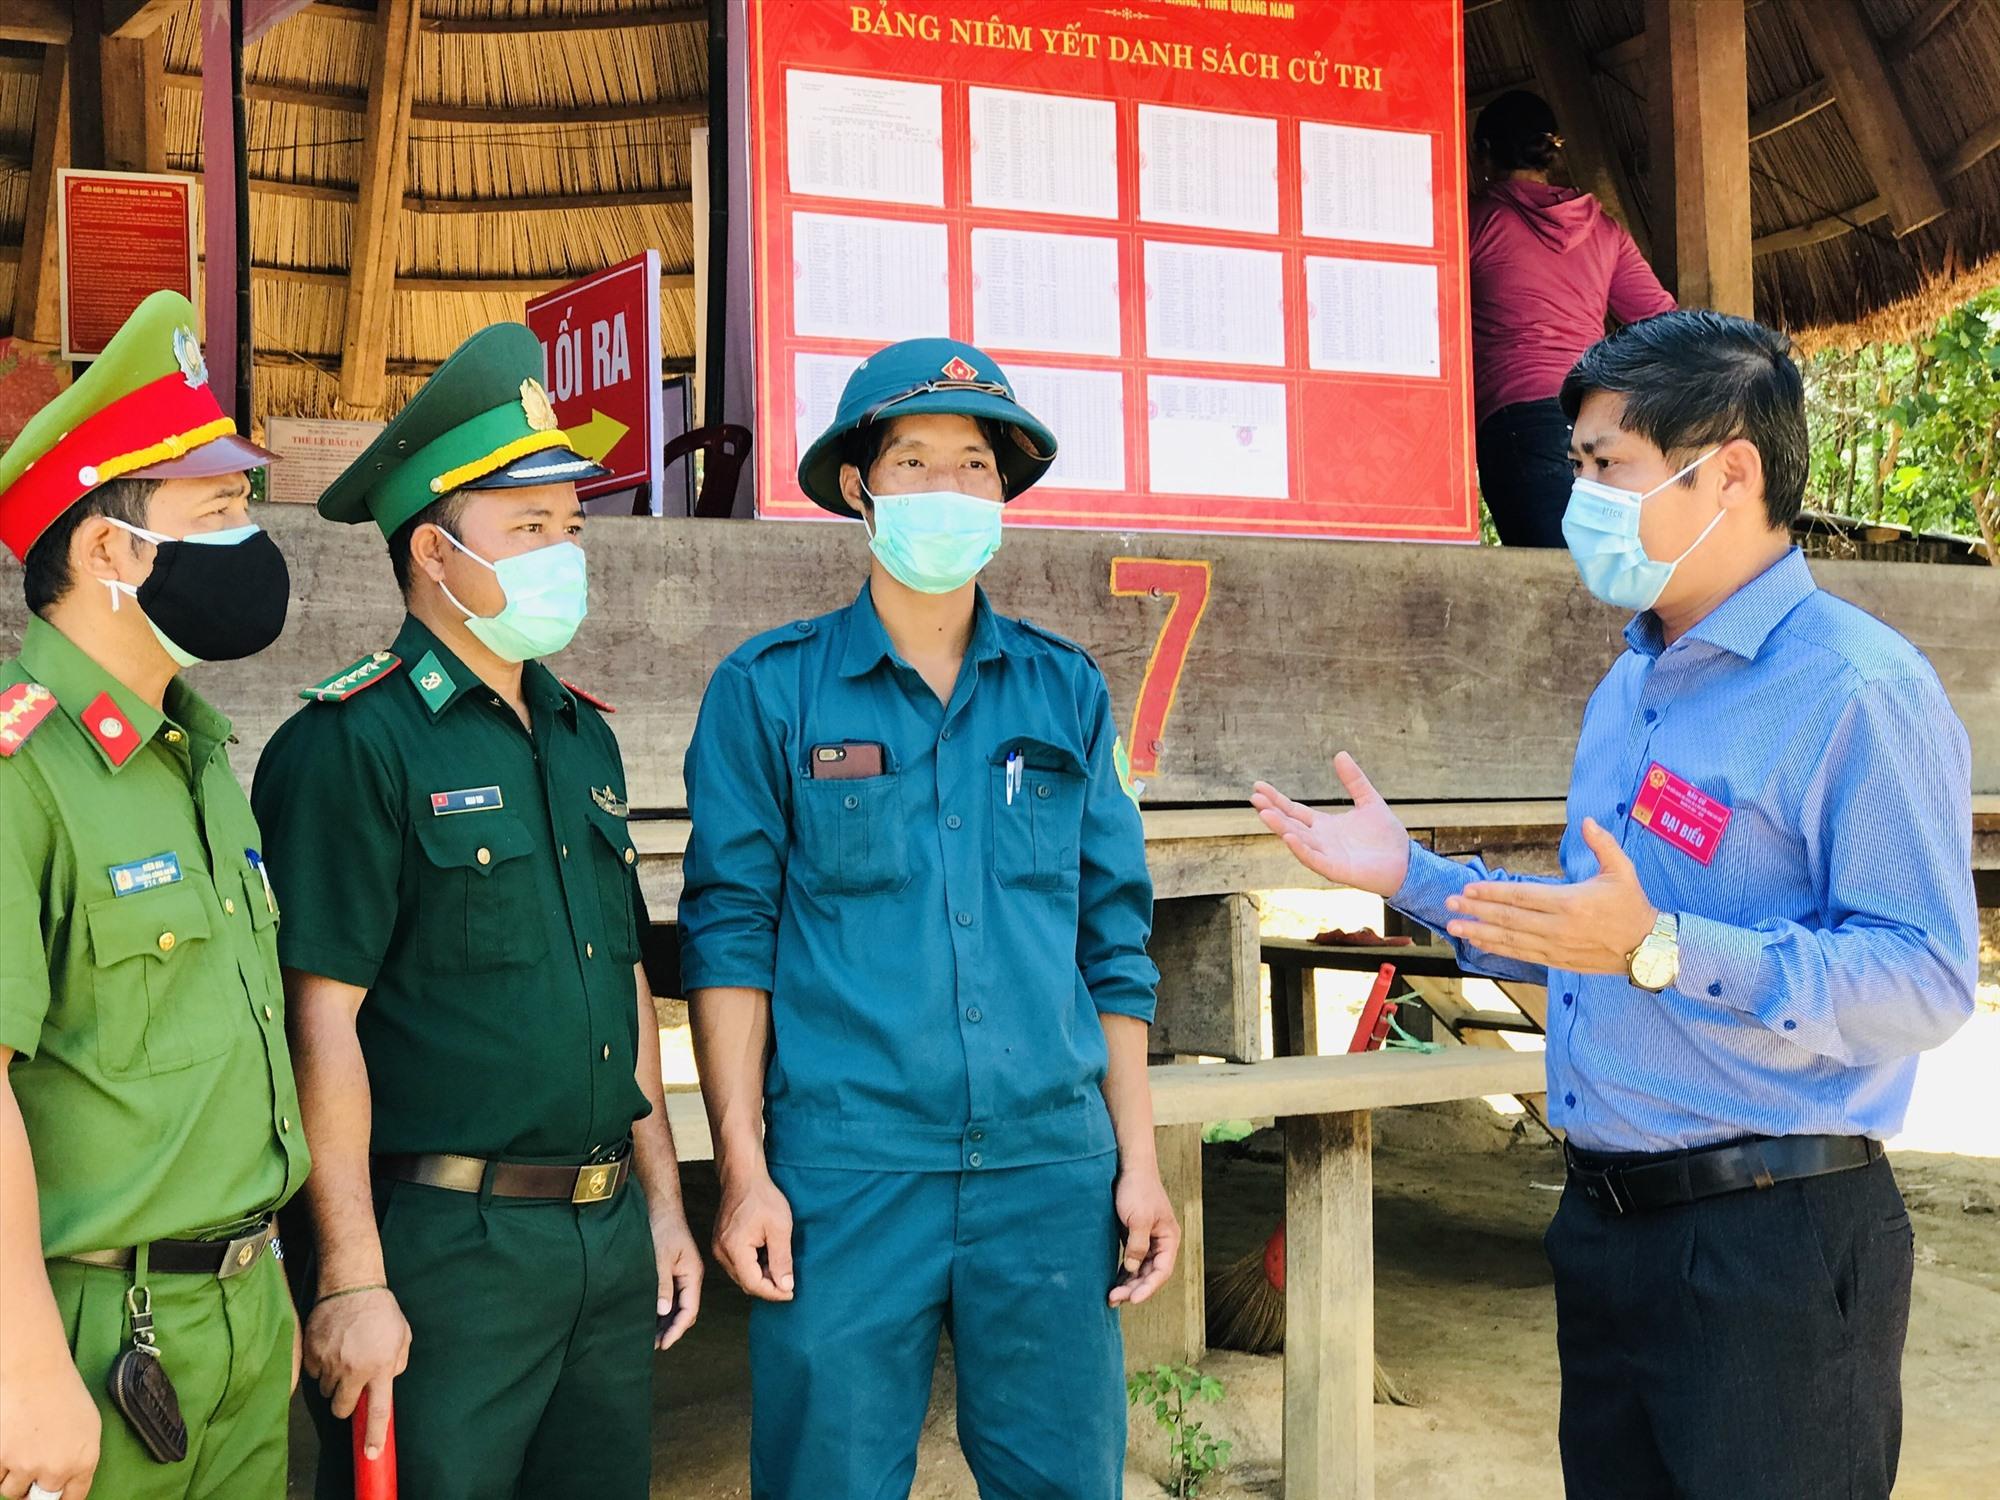 Ông Phan Thái Bình-Trường đoàn ĐBQH tỉnh trao đổi với lực lượng bảo vệ bầu cử tại khu vực bỏ phiếu thôn 49A, xã Đắc Pring